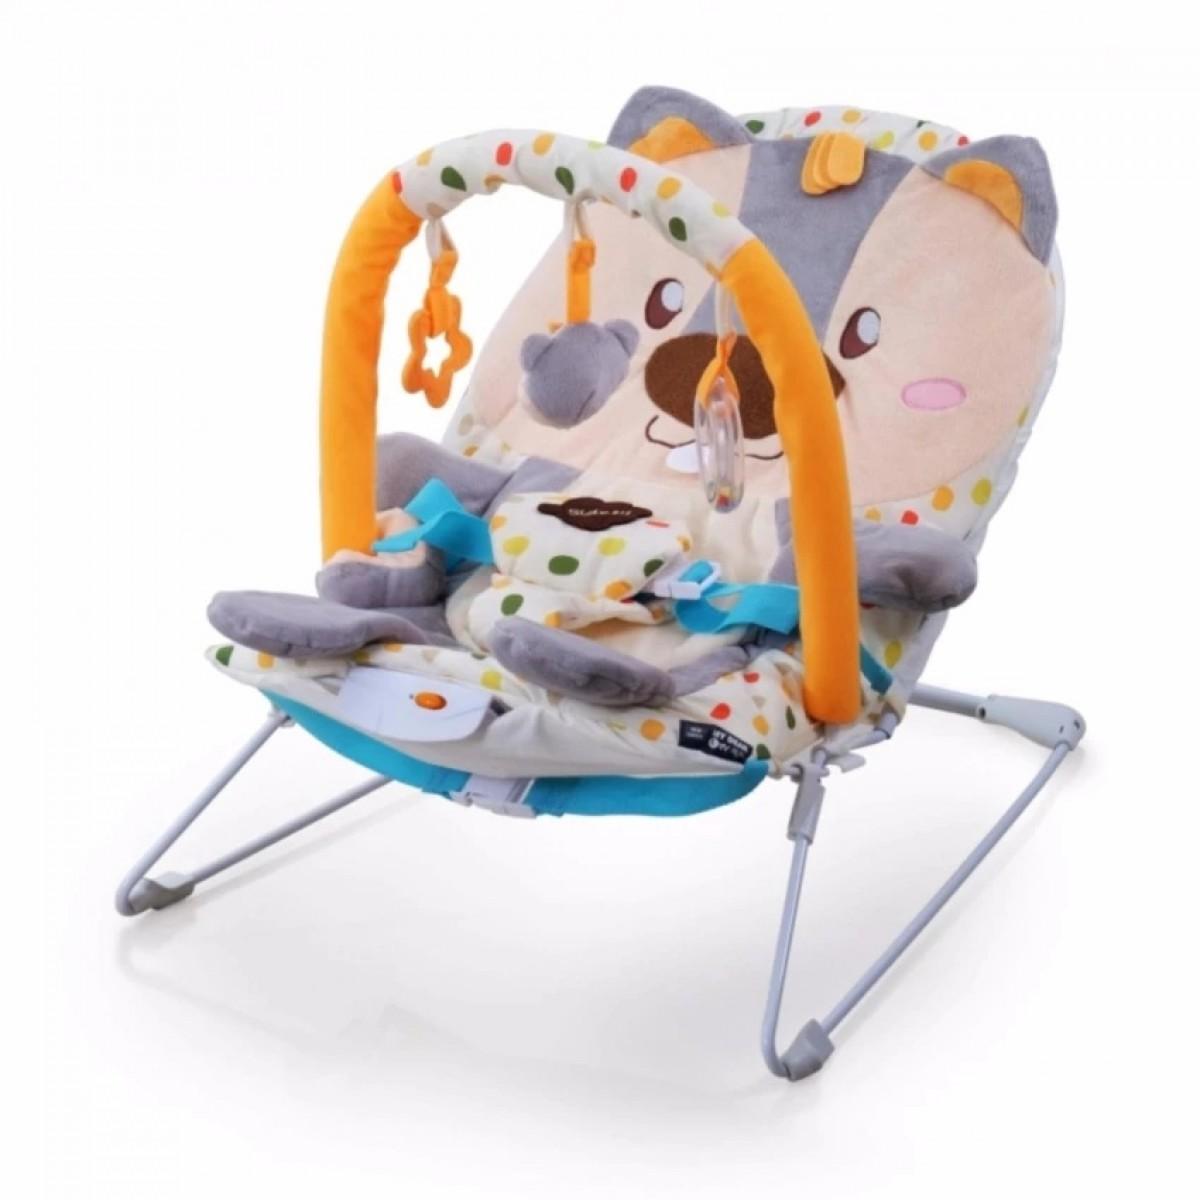 SQUIRREL BABY ROCKER - Kico Baby Center